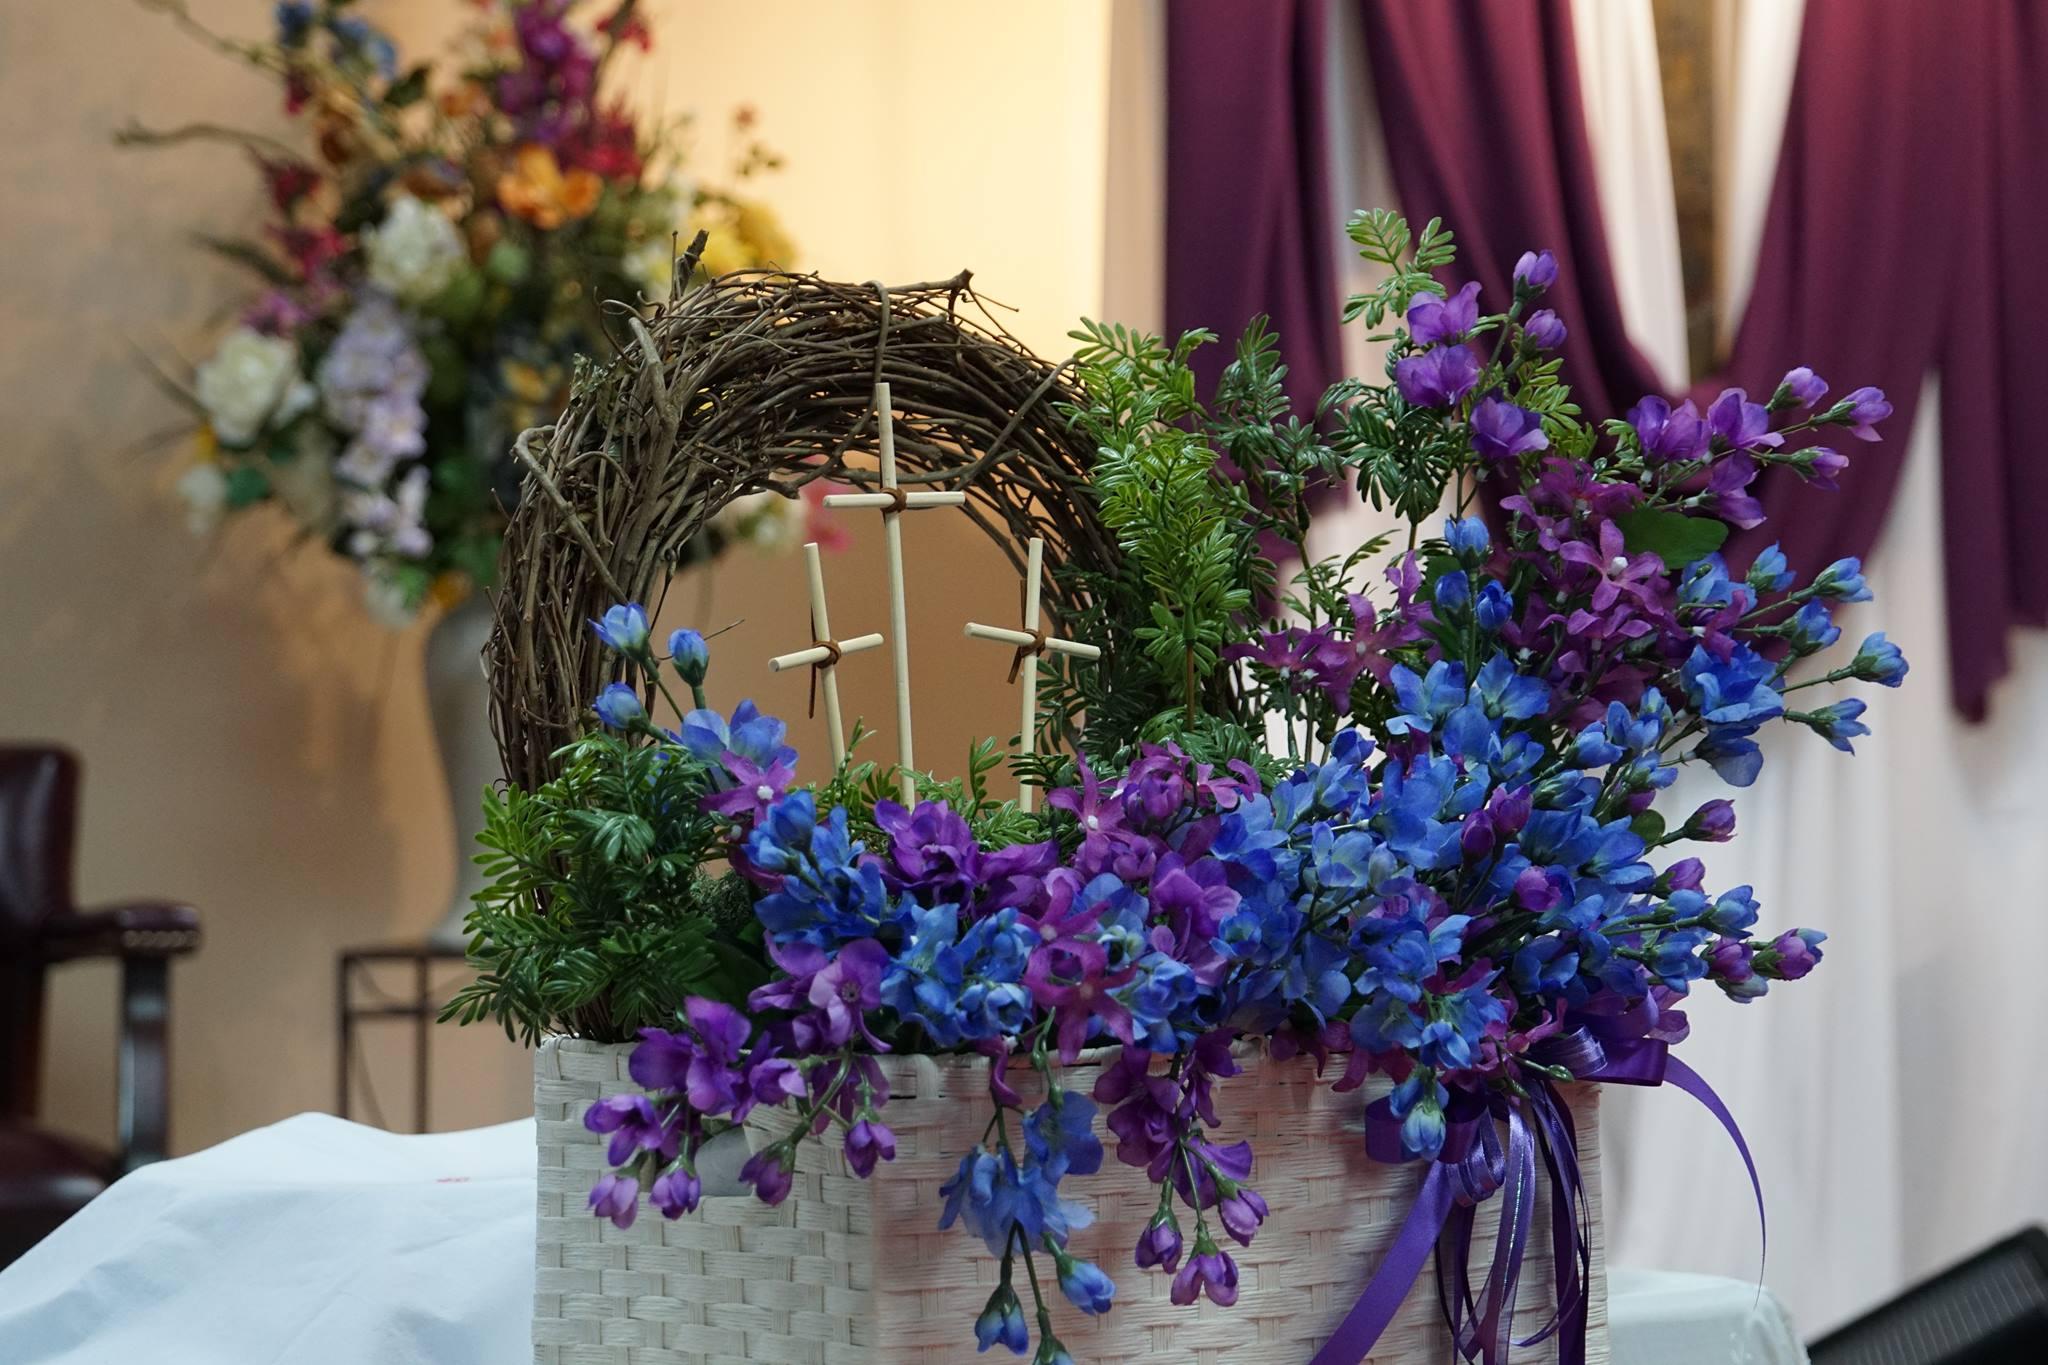 Arreglo de flores y cruces durante la cuaresma. Foto cortesía de Danny Mai.